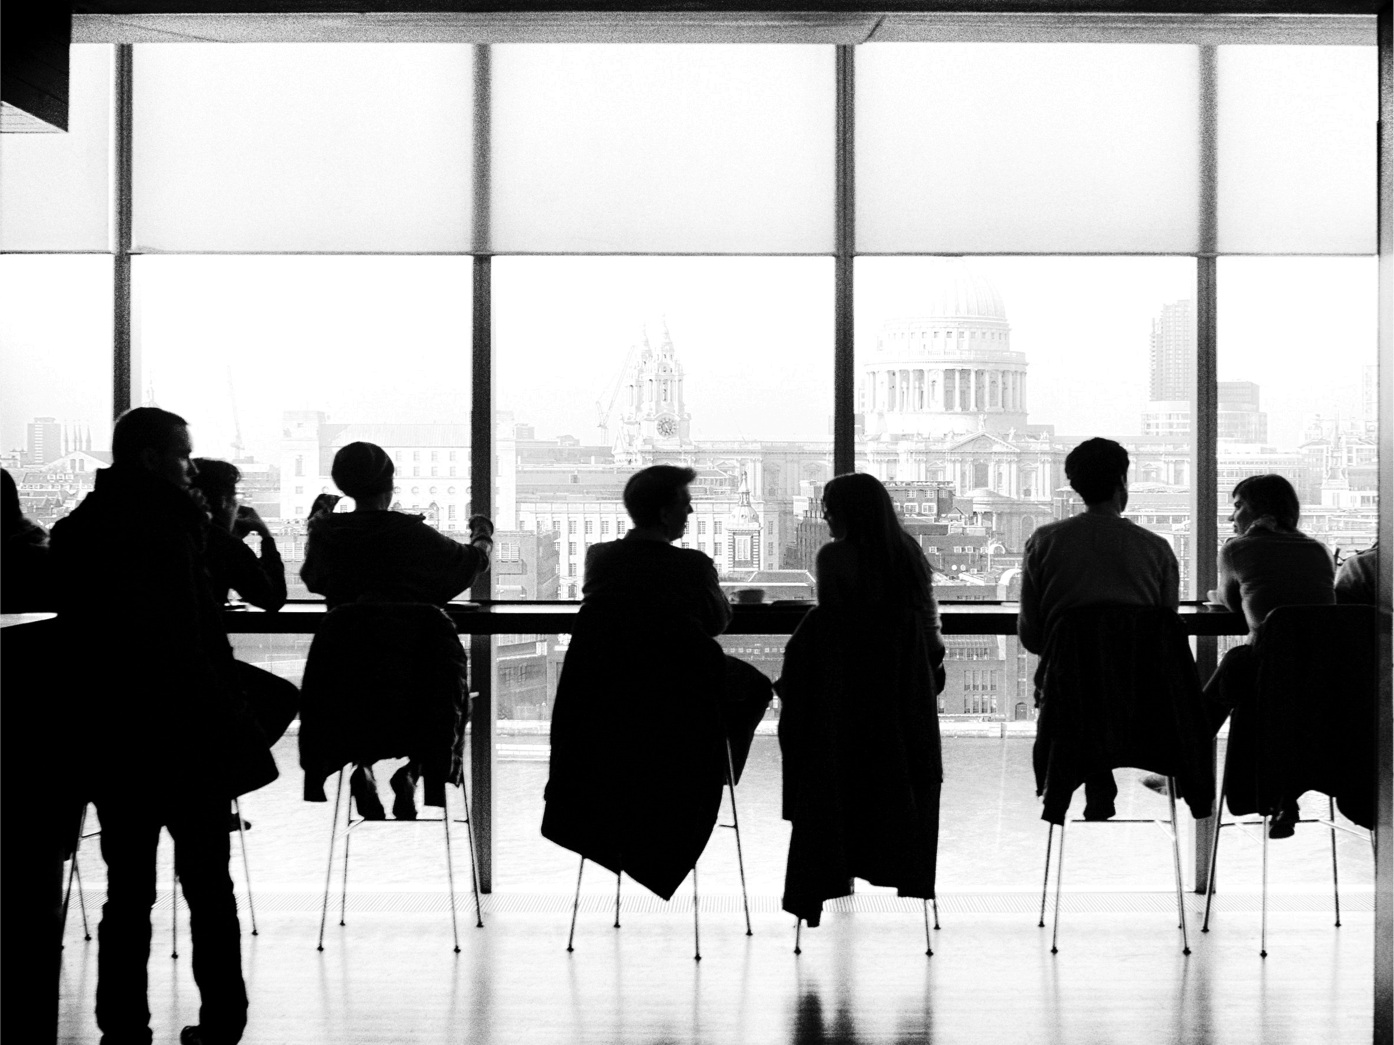 Gestion de Crise - Parce que la bonne gestion des affaires complexes et des crises de communication repose sur la capacité à démontrer sa compréhension des attentes de la société.- Communication Judiciaire- Communication de Crise- Communication RH